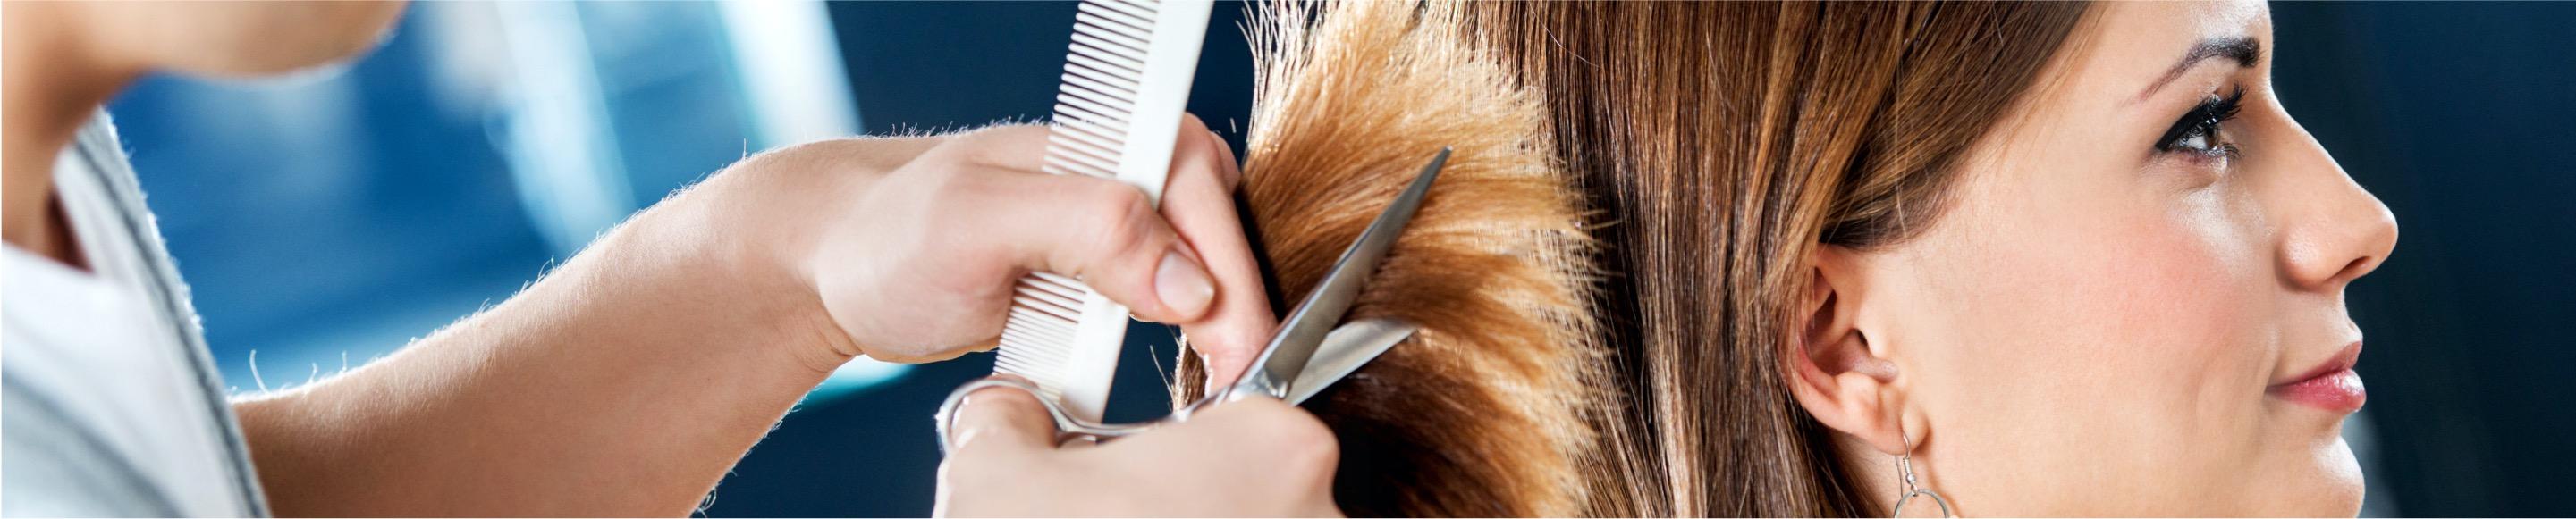 Strzyżenie włosów Zgorzelec